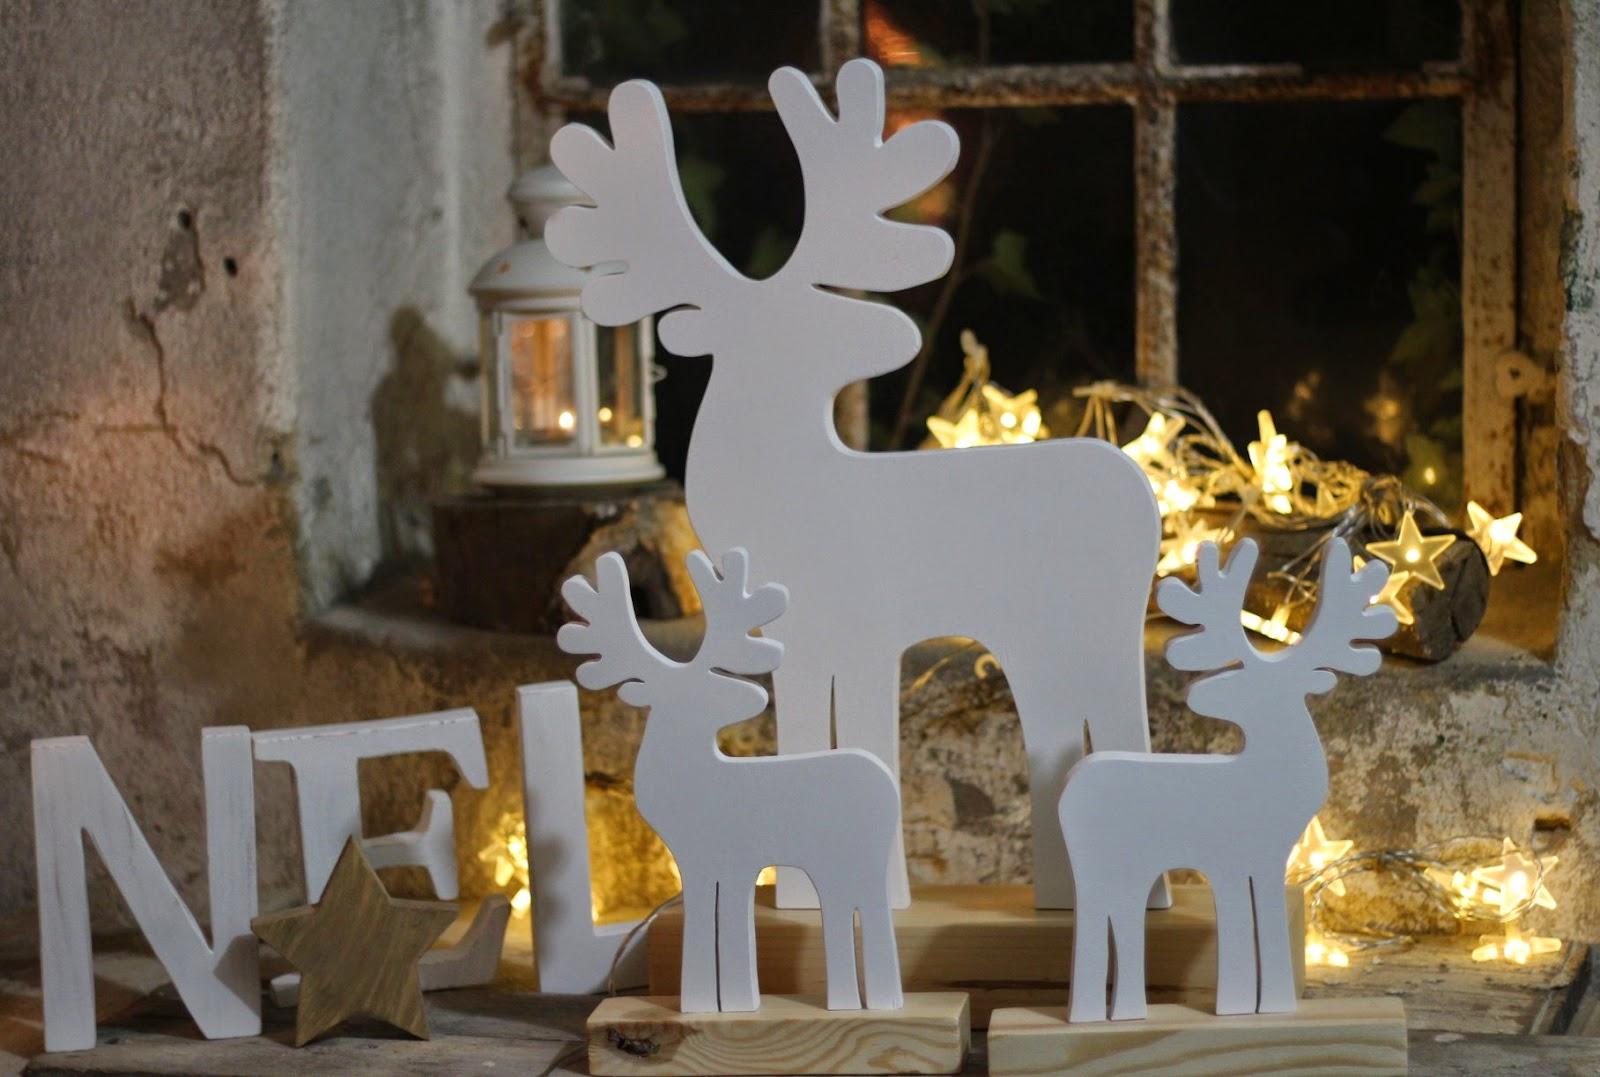 Boże Narodzenie,Choinka,Bombka,Śnieg